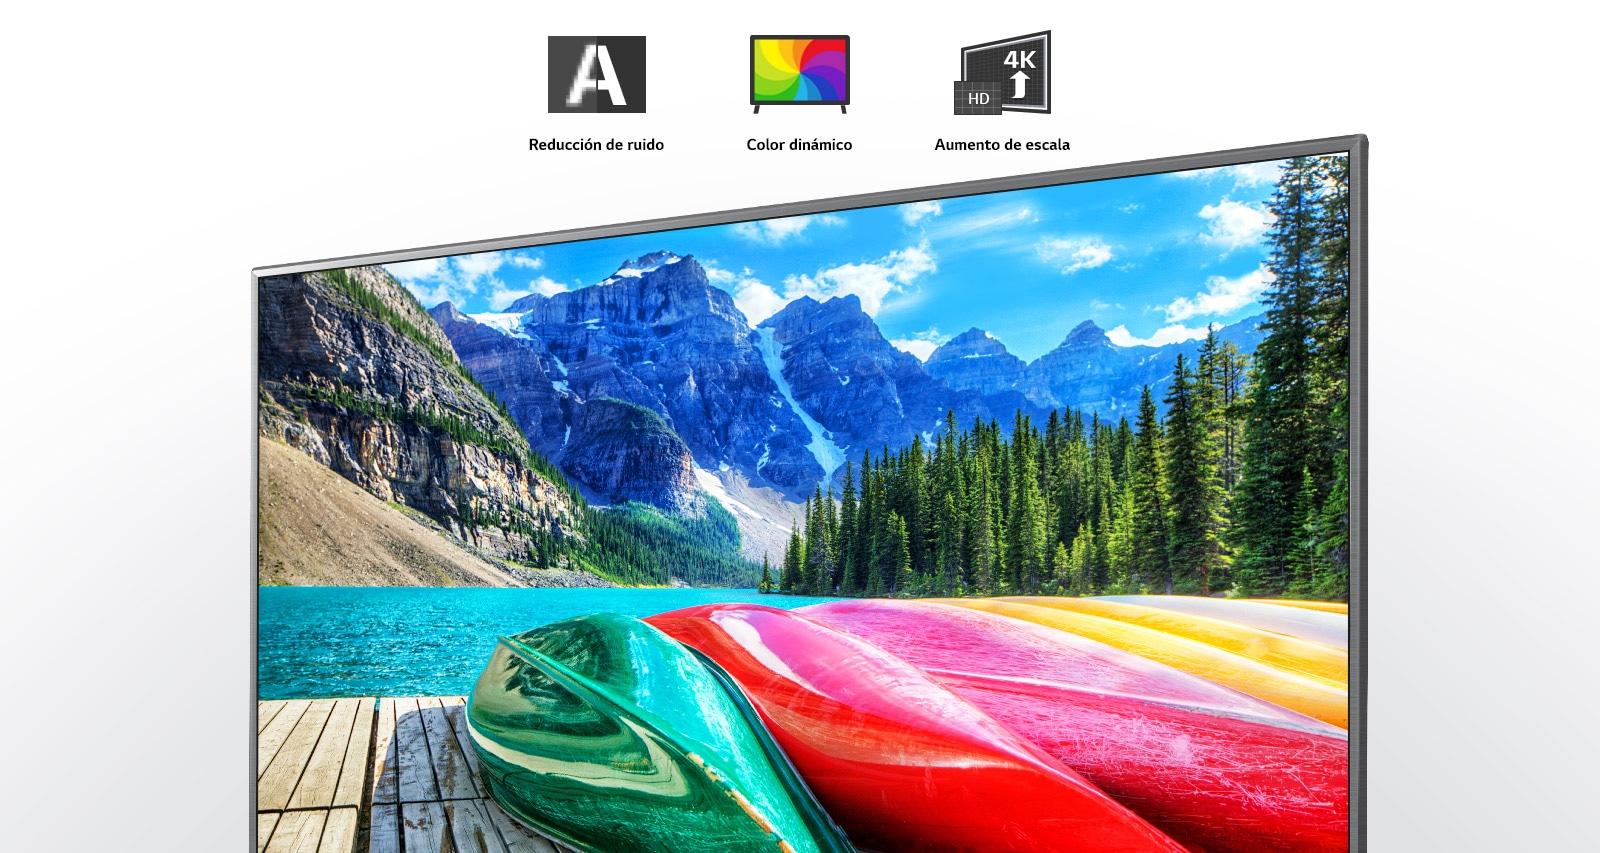 Giảm tiếng ồn, màu sắc năng động và các biểu tượng mở rộng và màn hình TV hiển thị toàn cảnh núi, rừng và hồ.